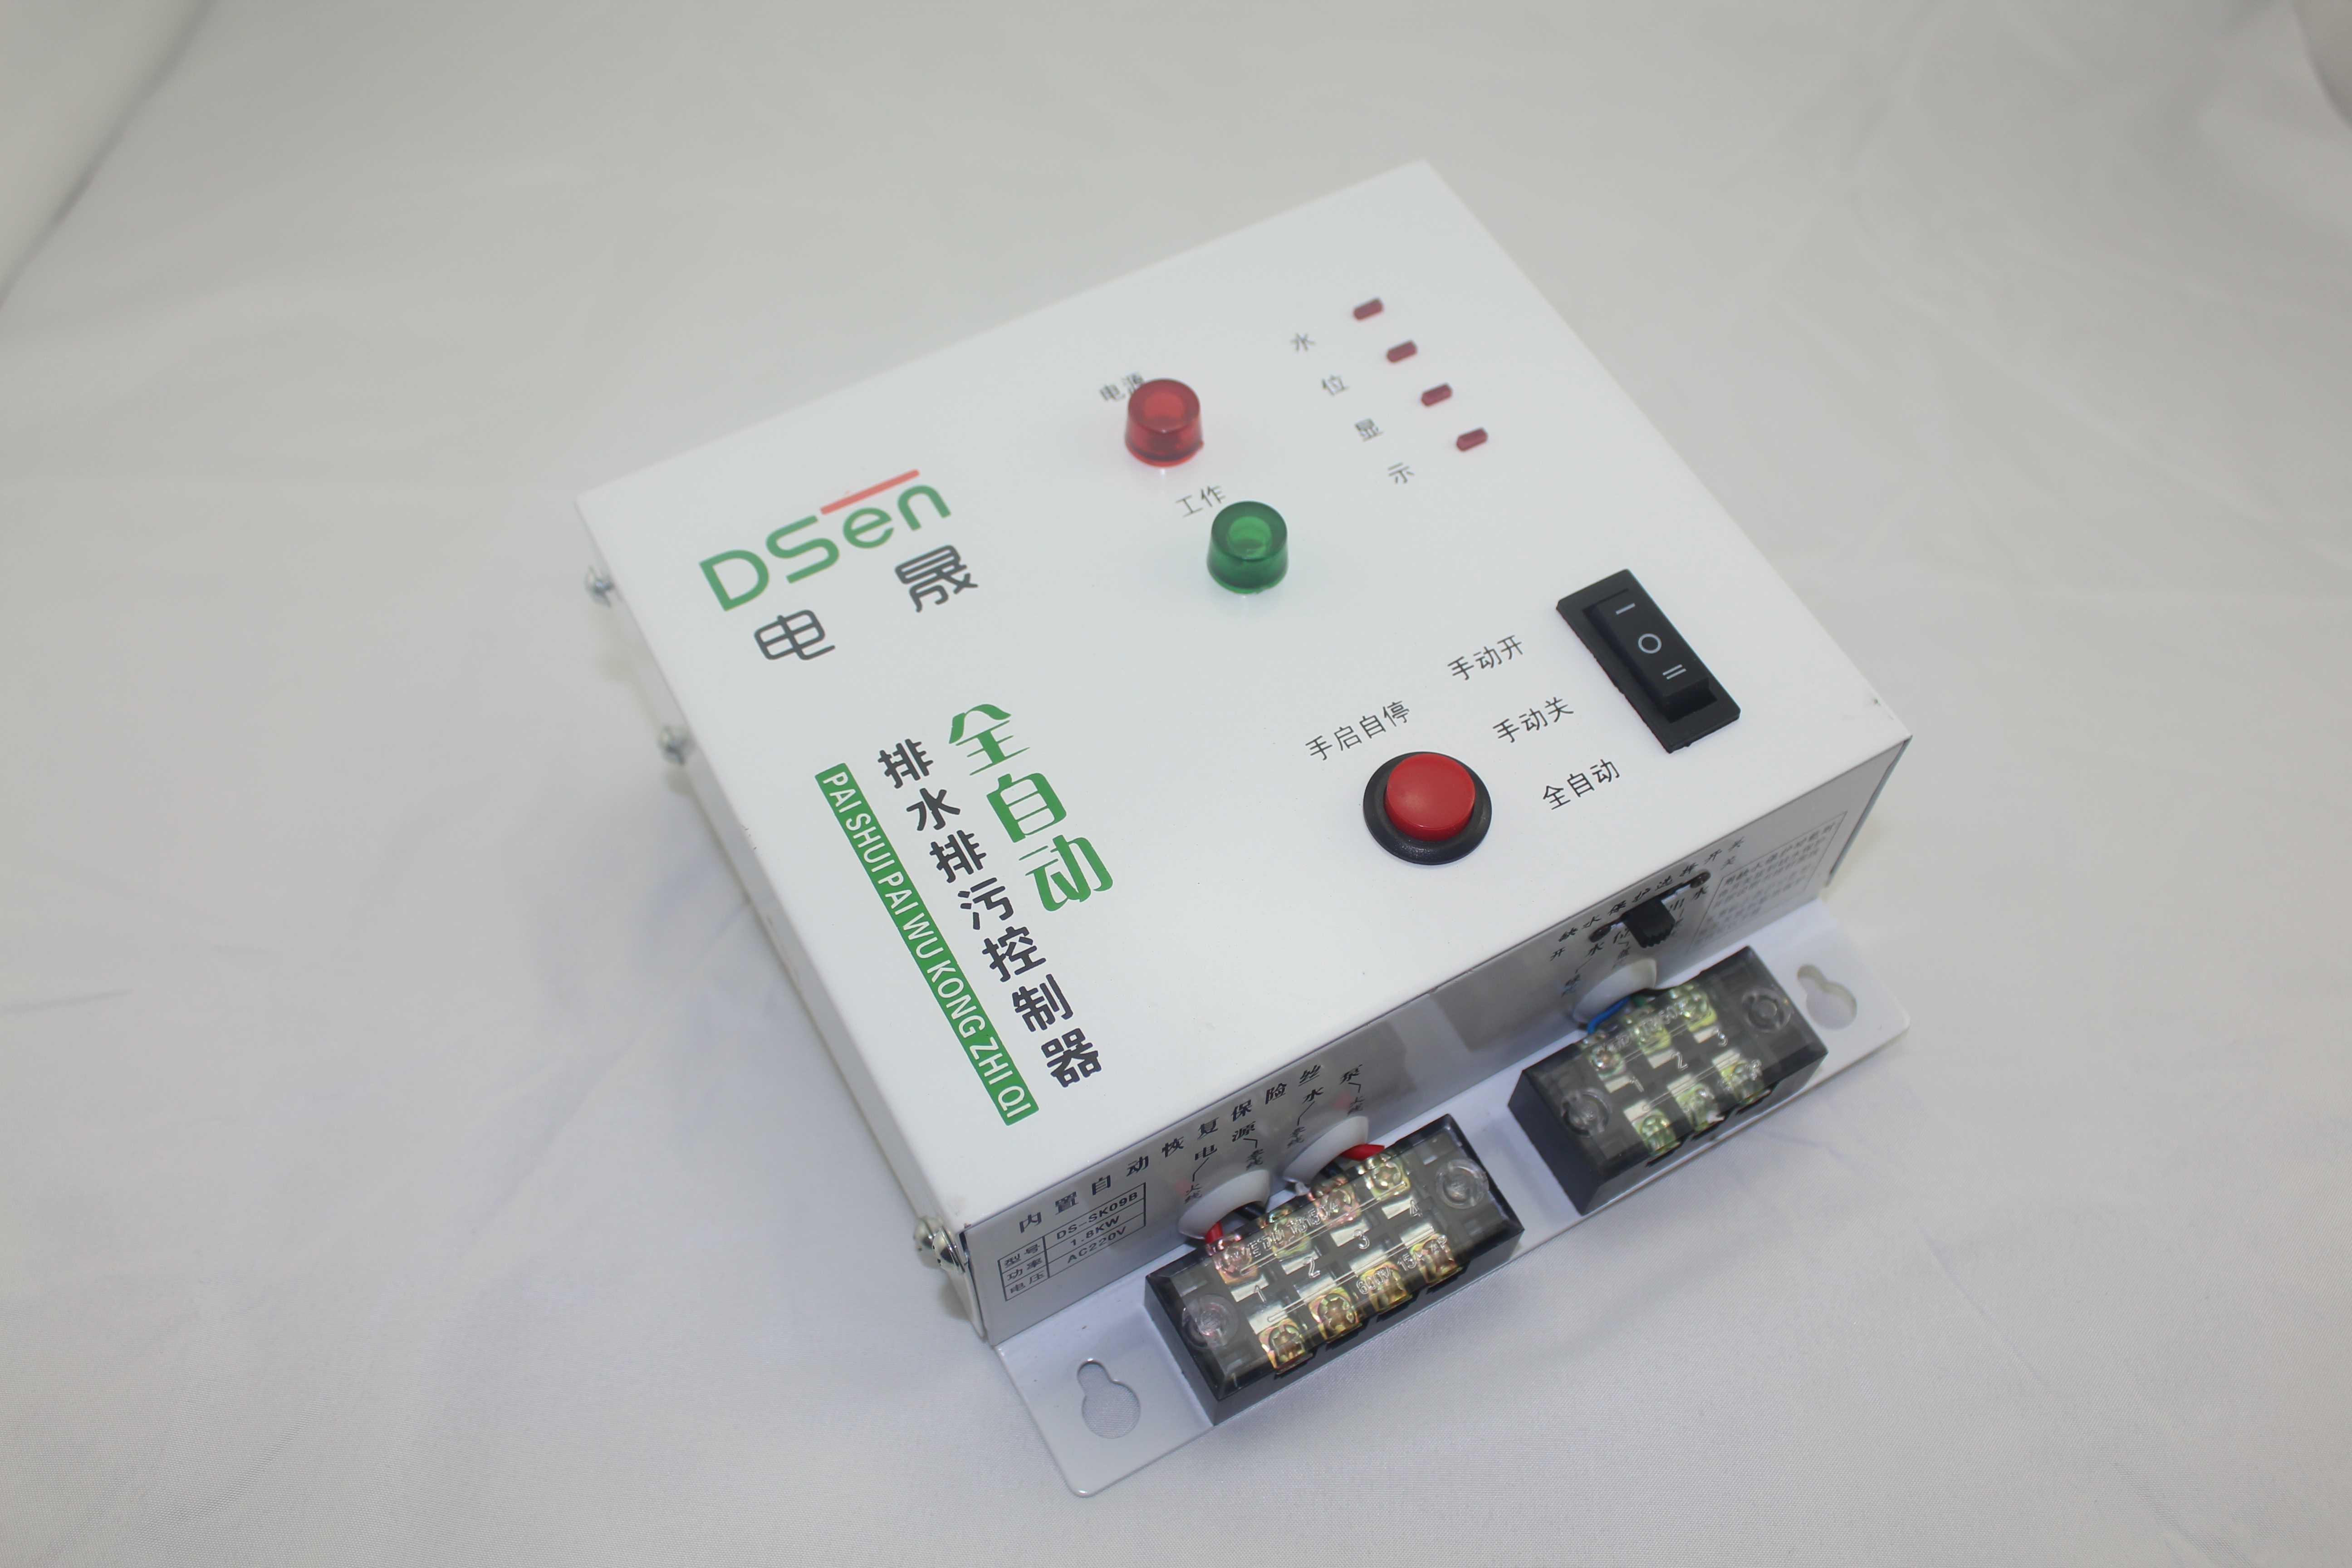 此驱动器是驱动VMOS管的驱动板,可以驱动500W~3000W的电源 可以用于全桥硬开关,全桥移相,或其他四路驱动。 电路板需要一组15~20V的供电。输入为光耦。可以任意控制每一路。 接线为2.54的插针,可以直接插接到电路板上,减小电路板面积,而且可以安装插座,方便调试维修。 外形尺寸:59*48*10(长高厚)